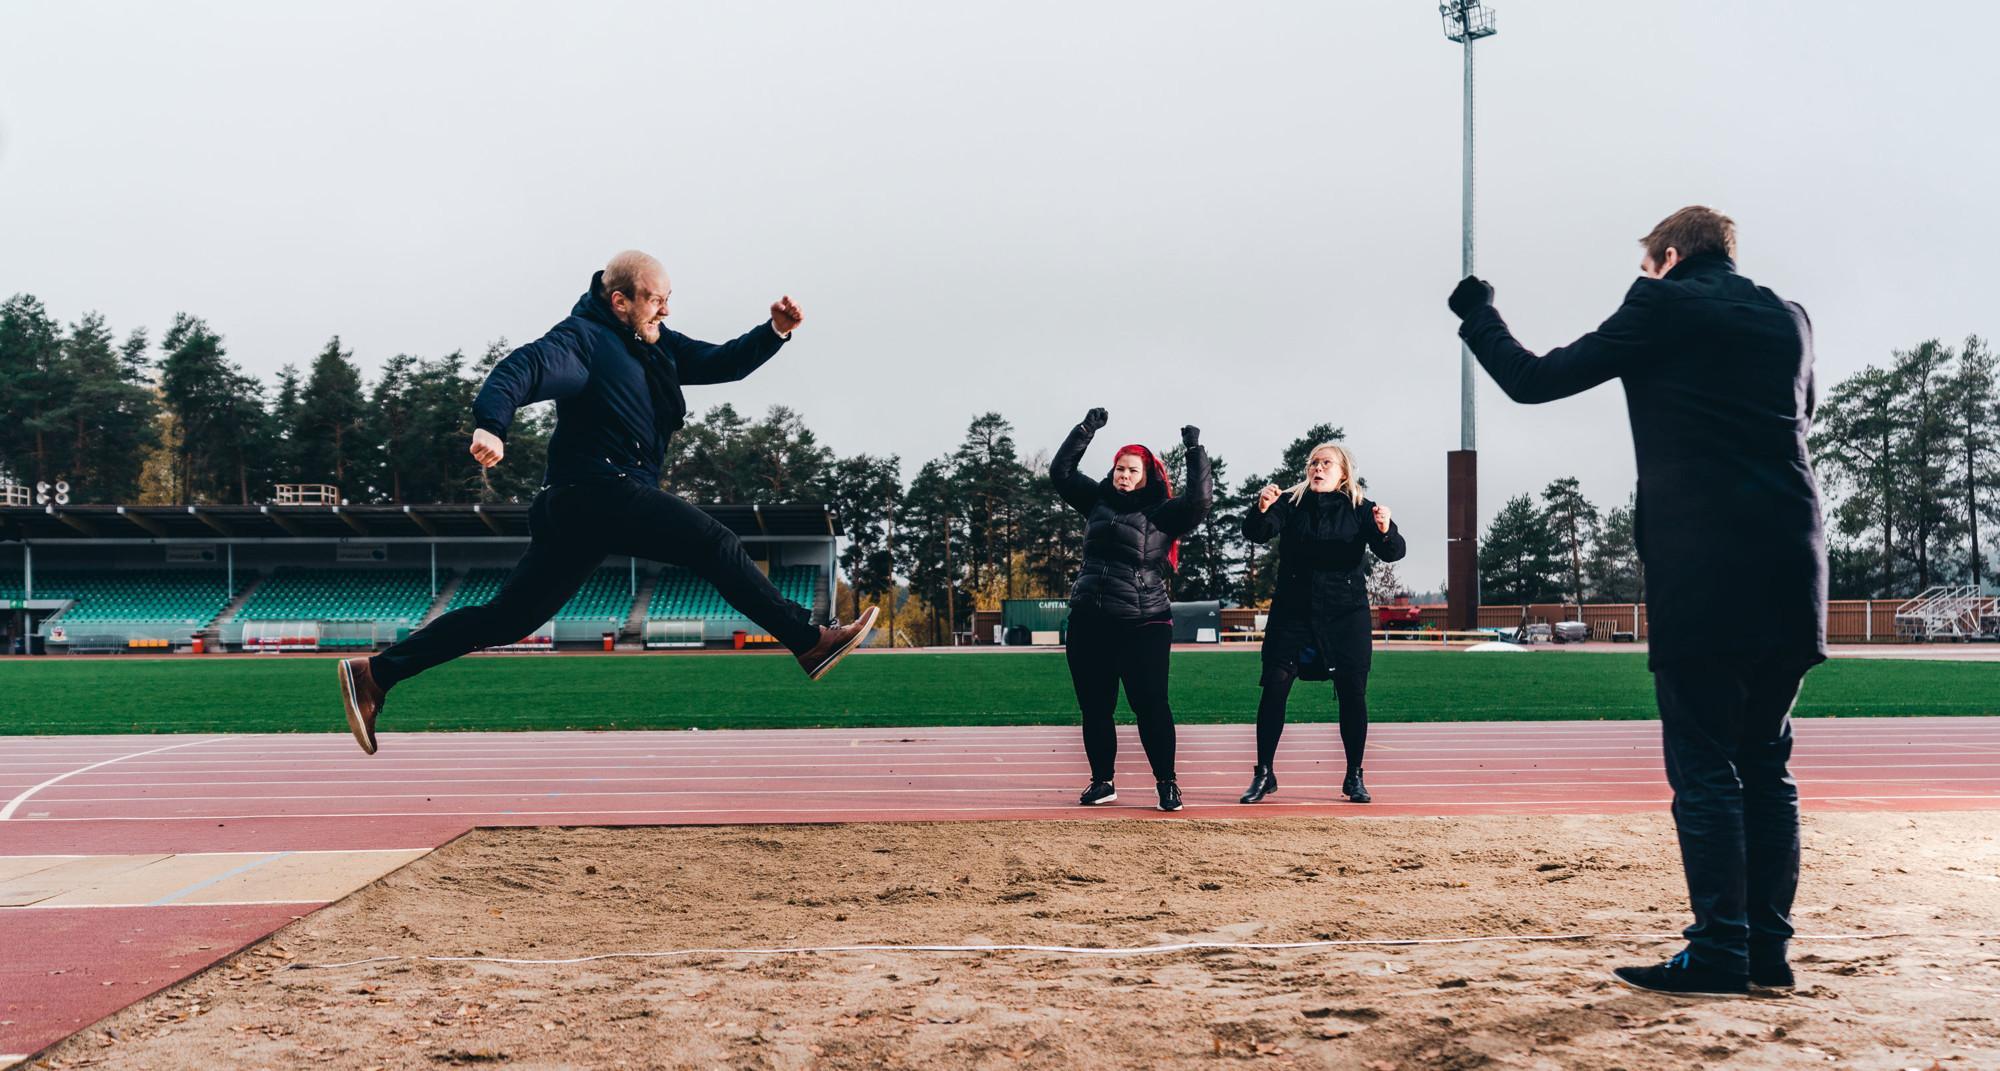 Yksi hyppää pituushyppyä ja kolme muuta ihmistä kannustaa.